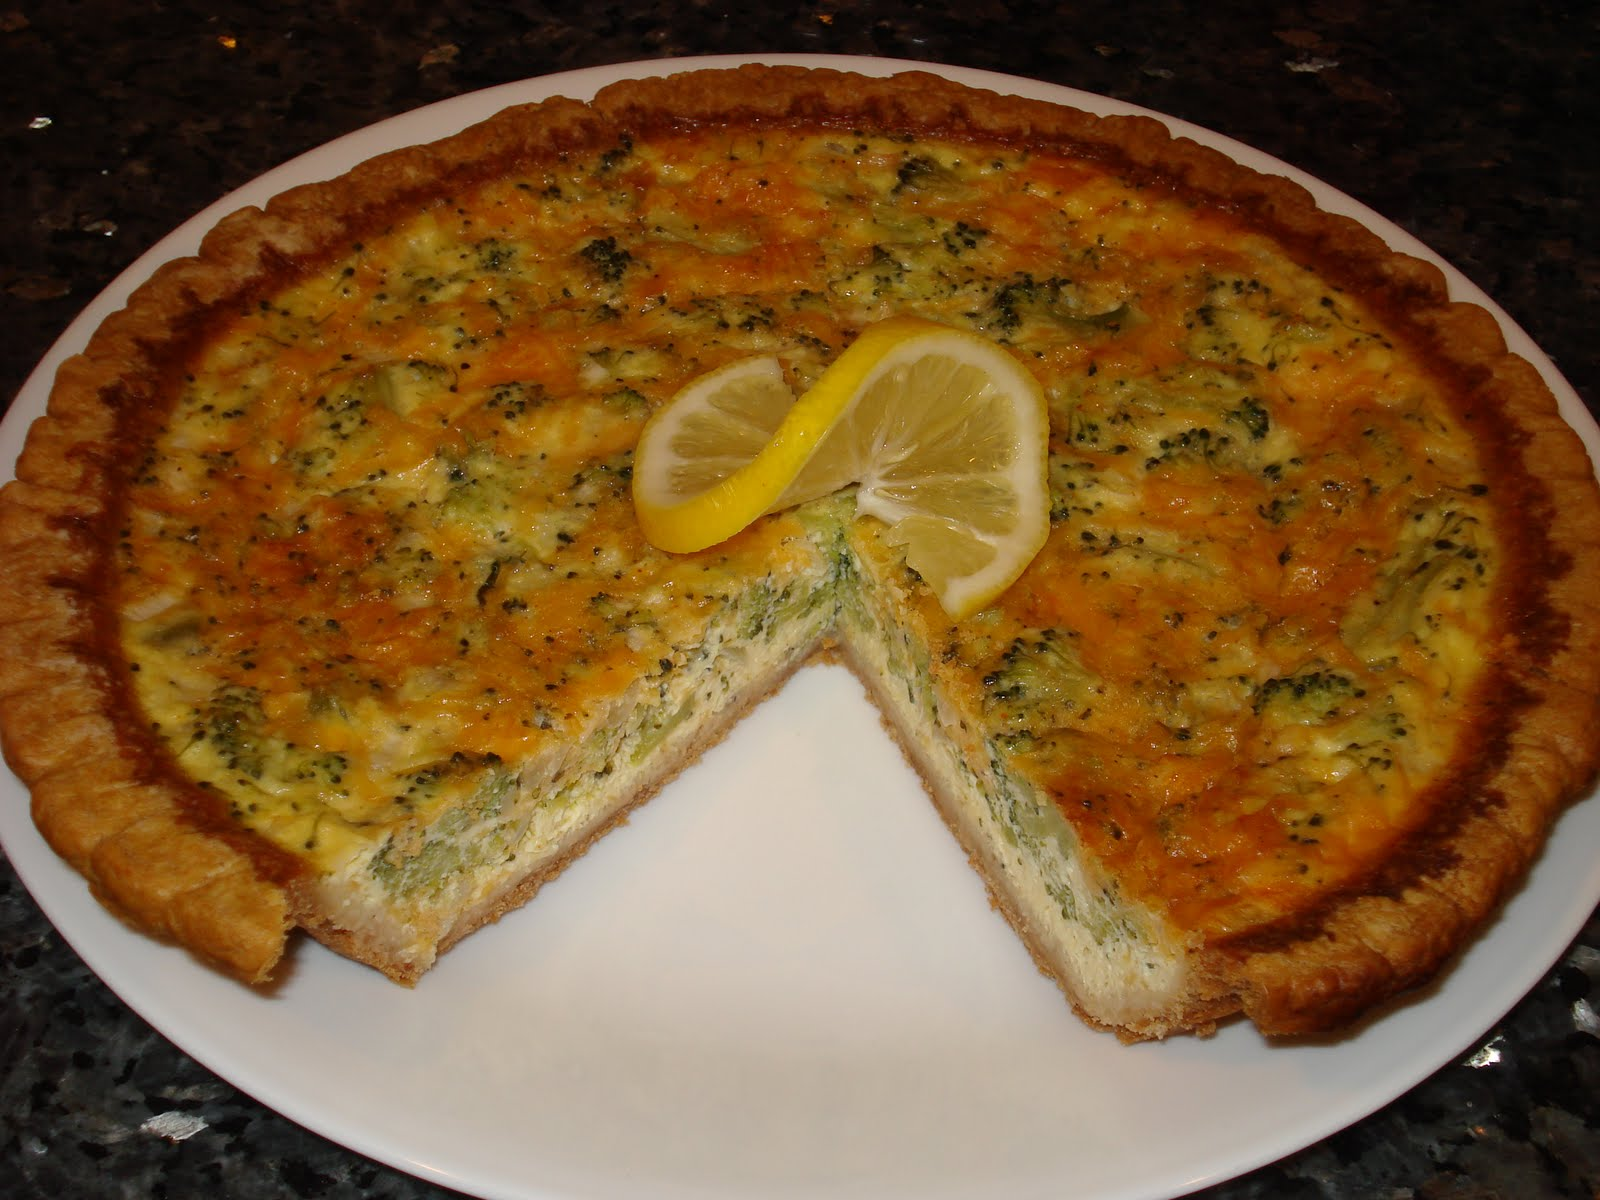 Frugal and Tasty: Broccoli Cheddar Quiche